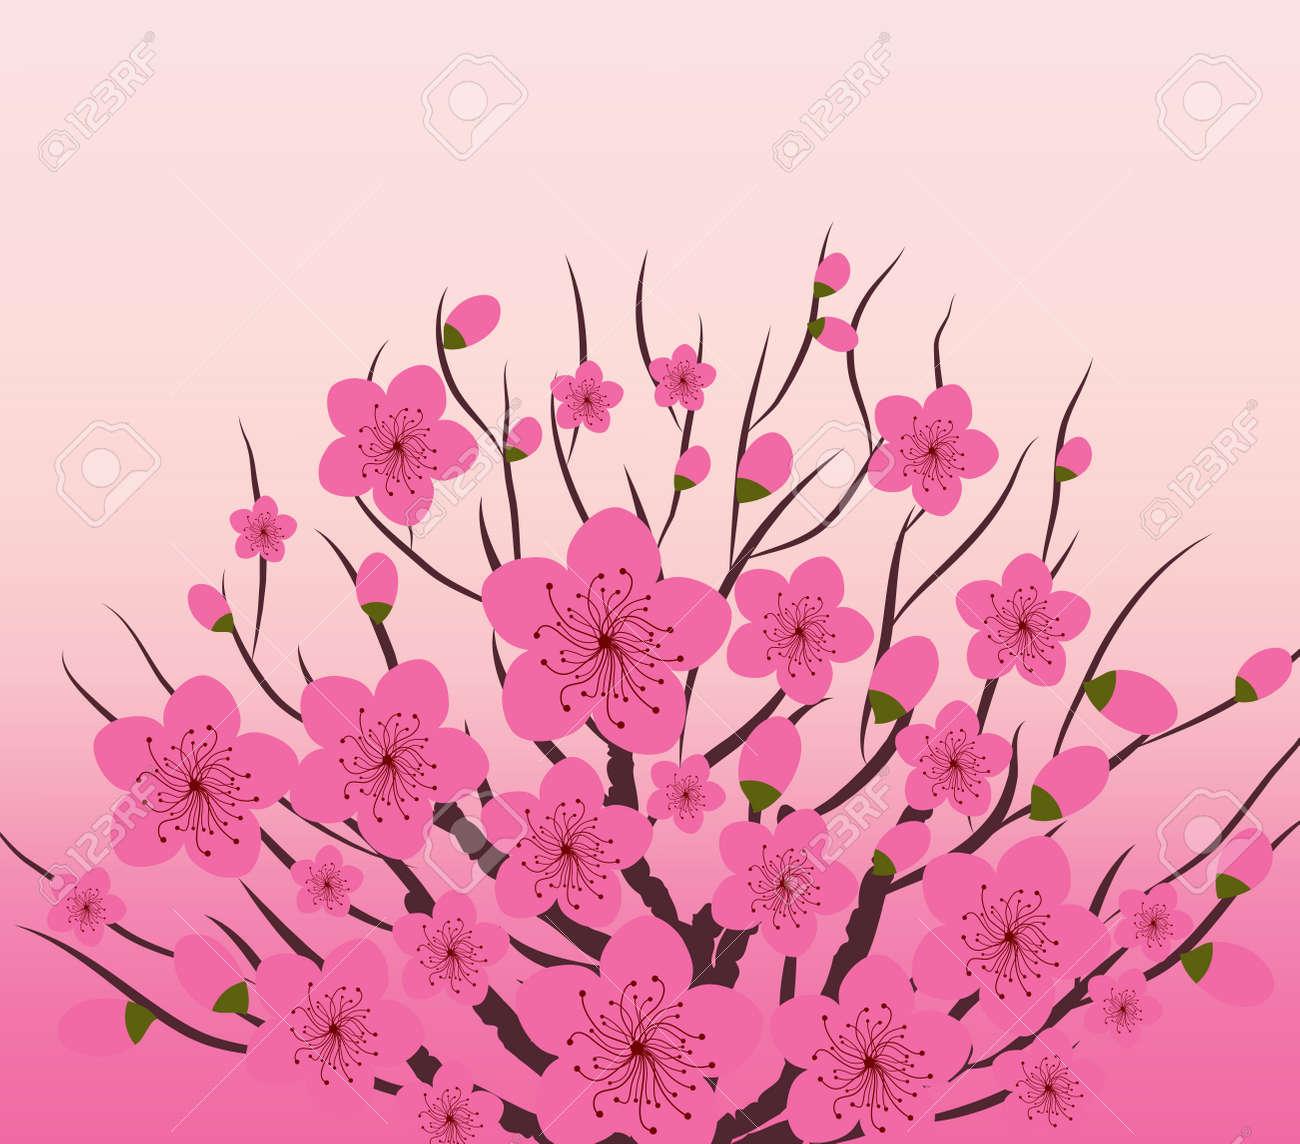 中国の旧正月の梅の花の背景のイラスト素材ベクタ Image 48142082